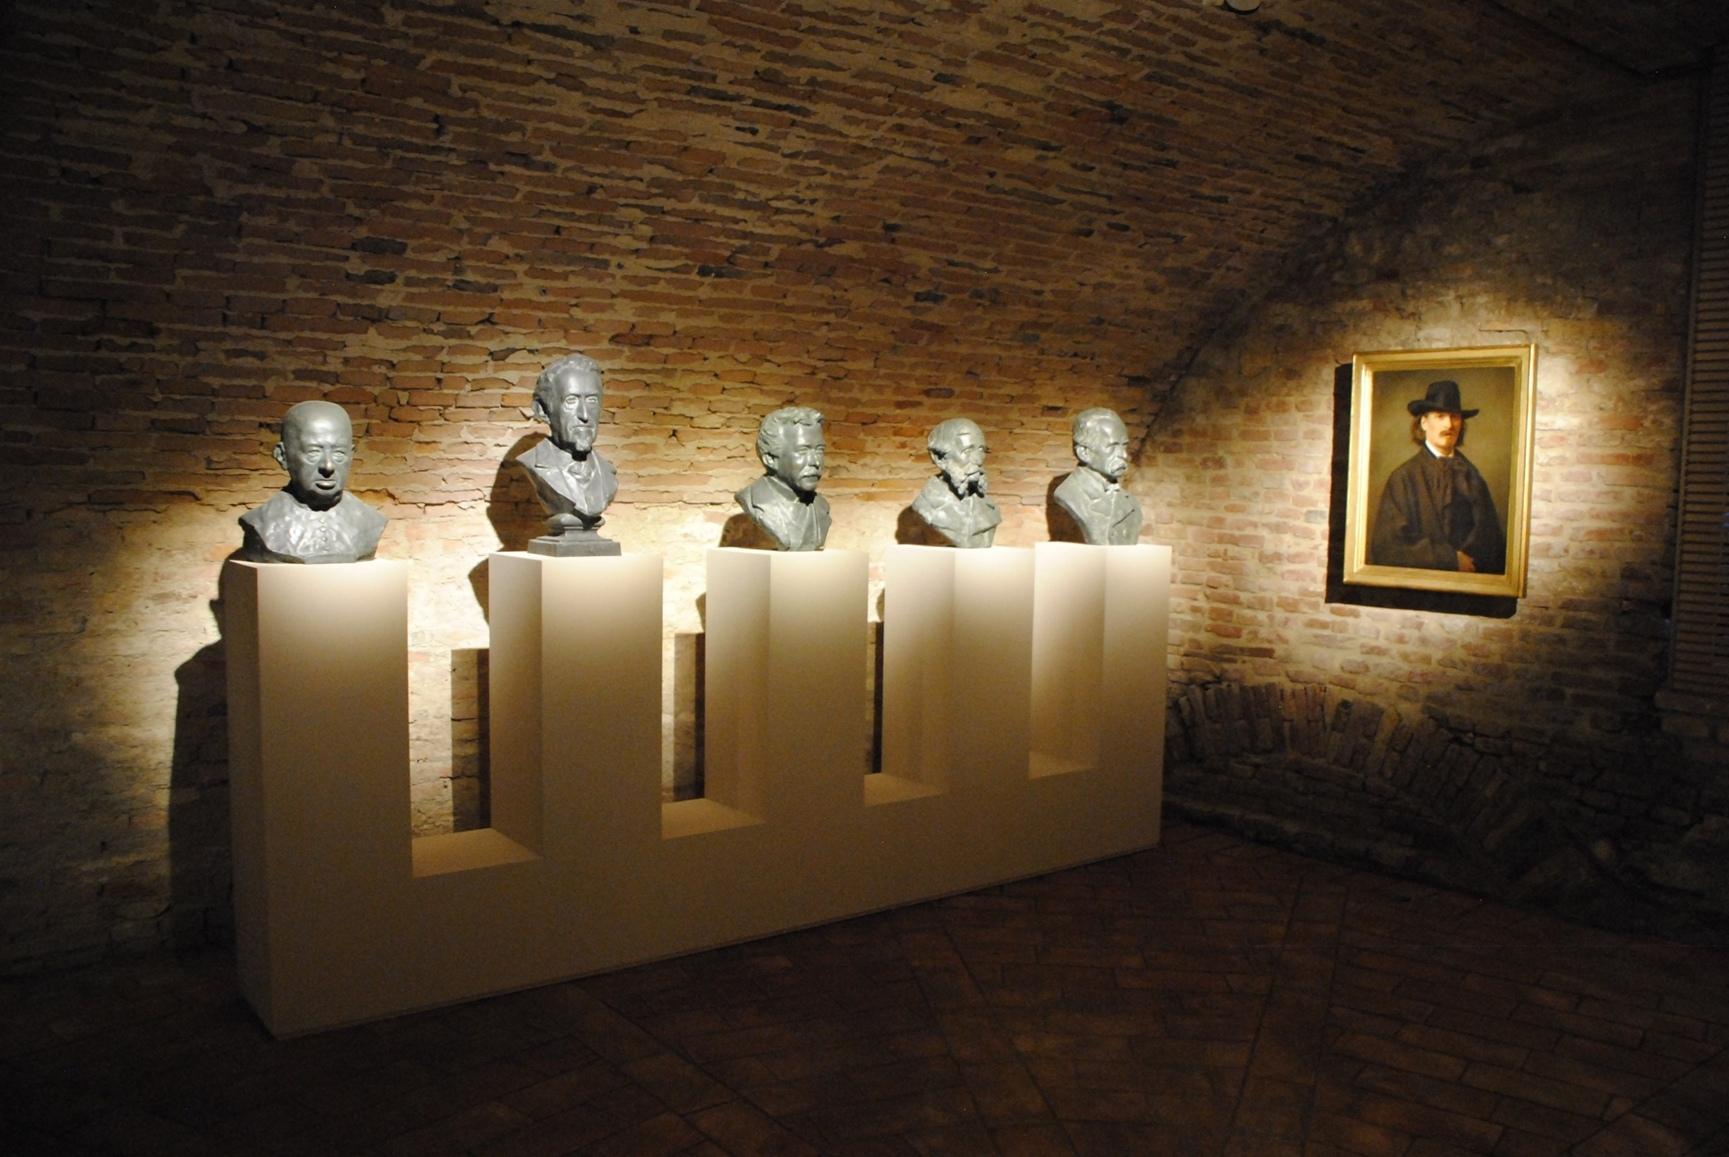 Palazzo-Chiericati-Vicenza-cantine-2